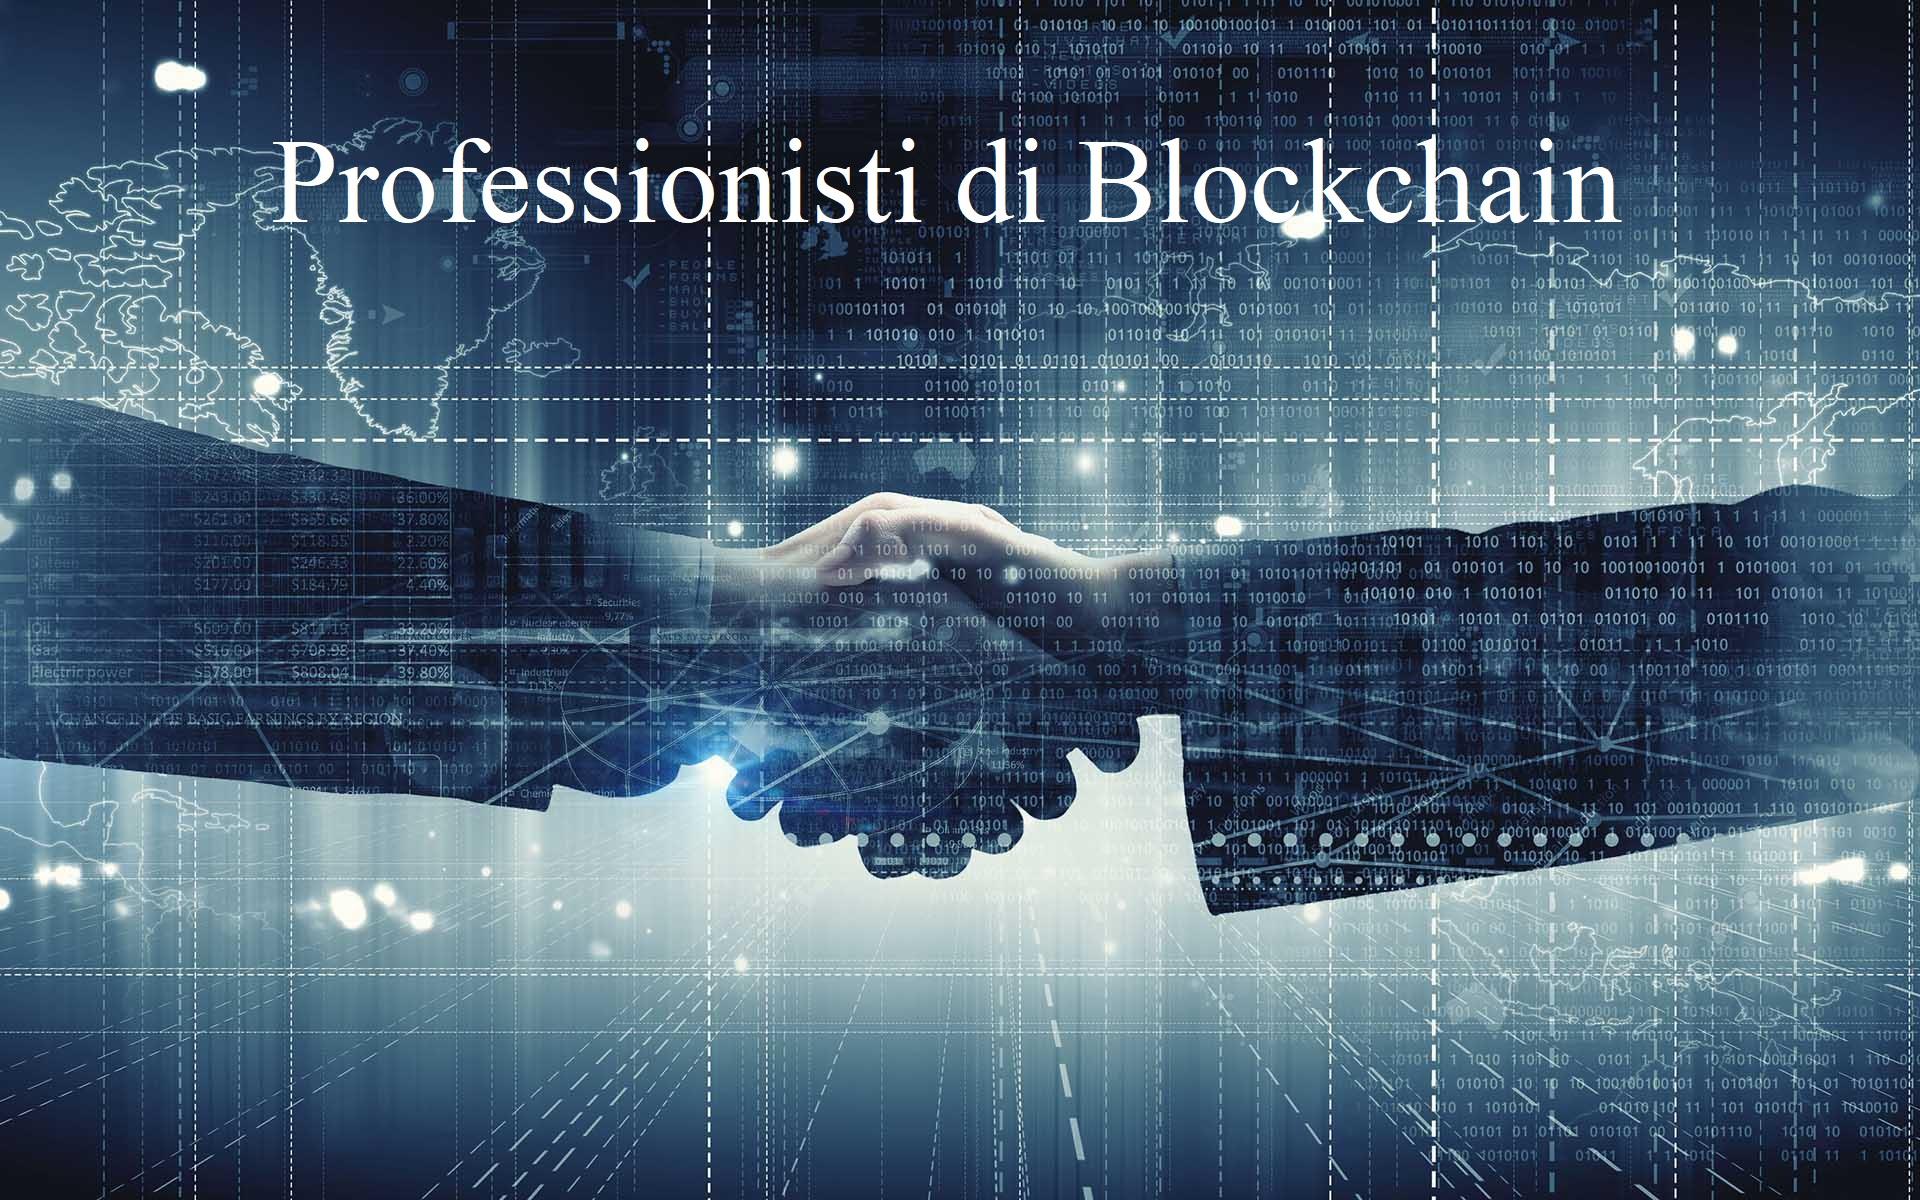 professionisti di blockchain